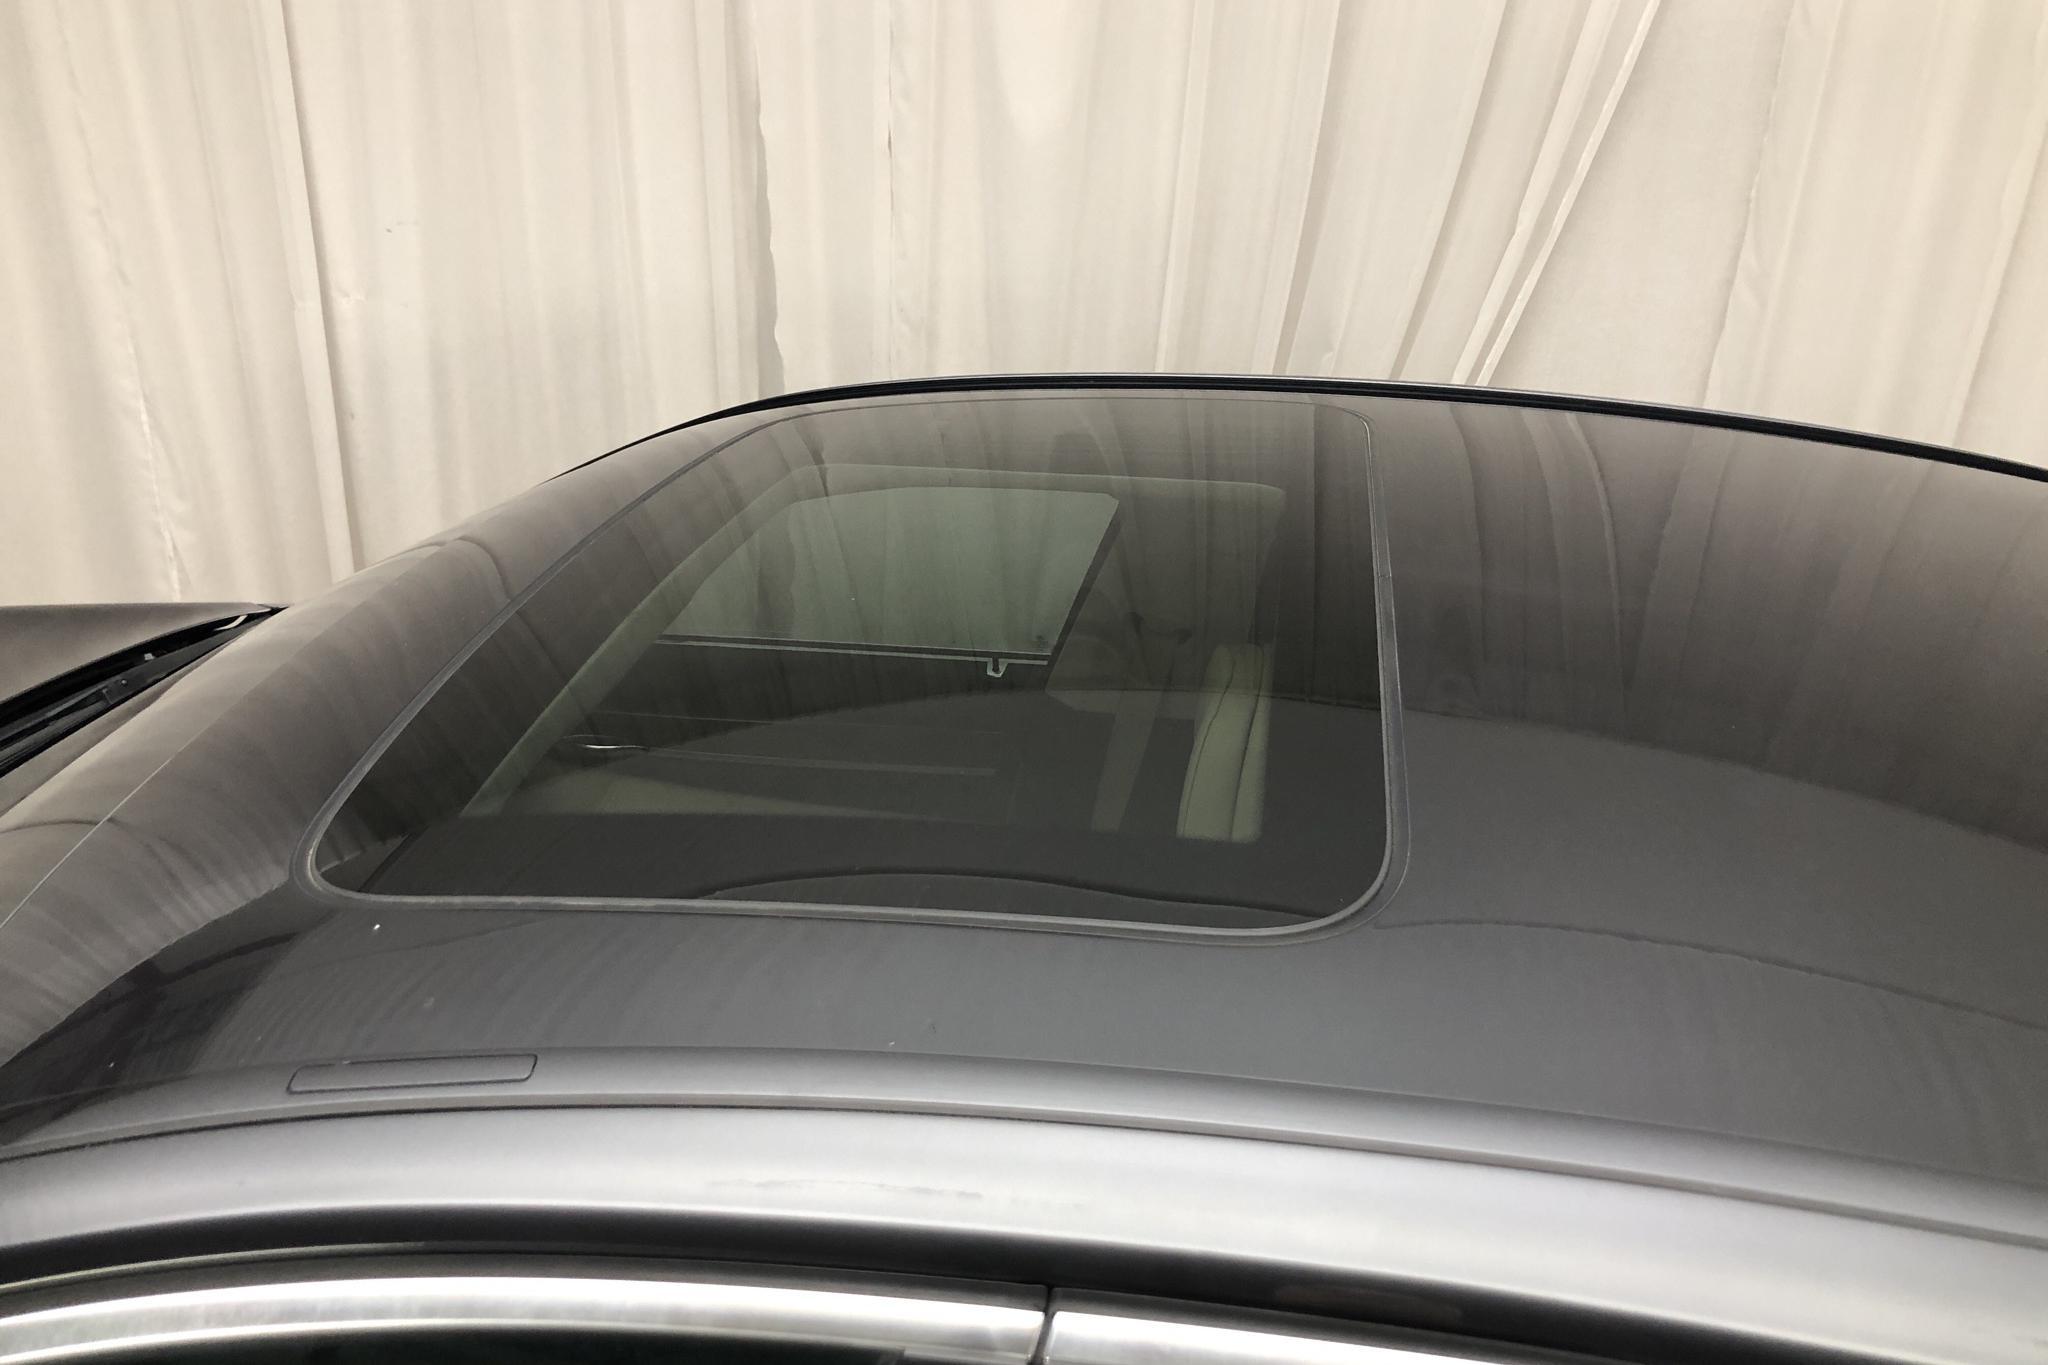 BMW 750i Sedan, F01 (407hk) - 17 397 mil - Automat - svart - 2009